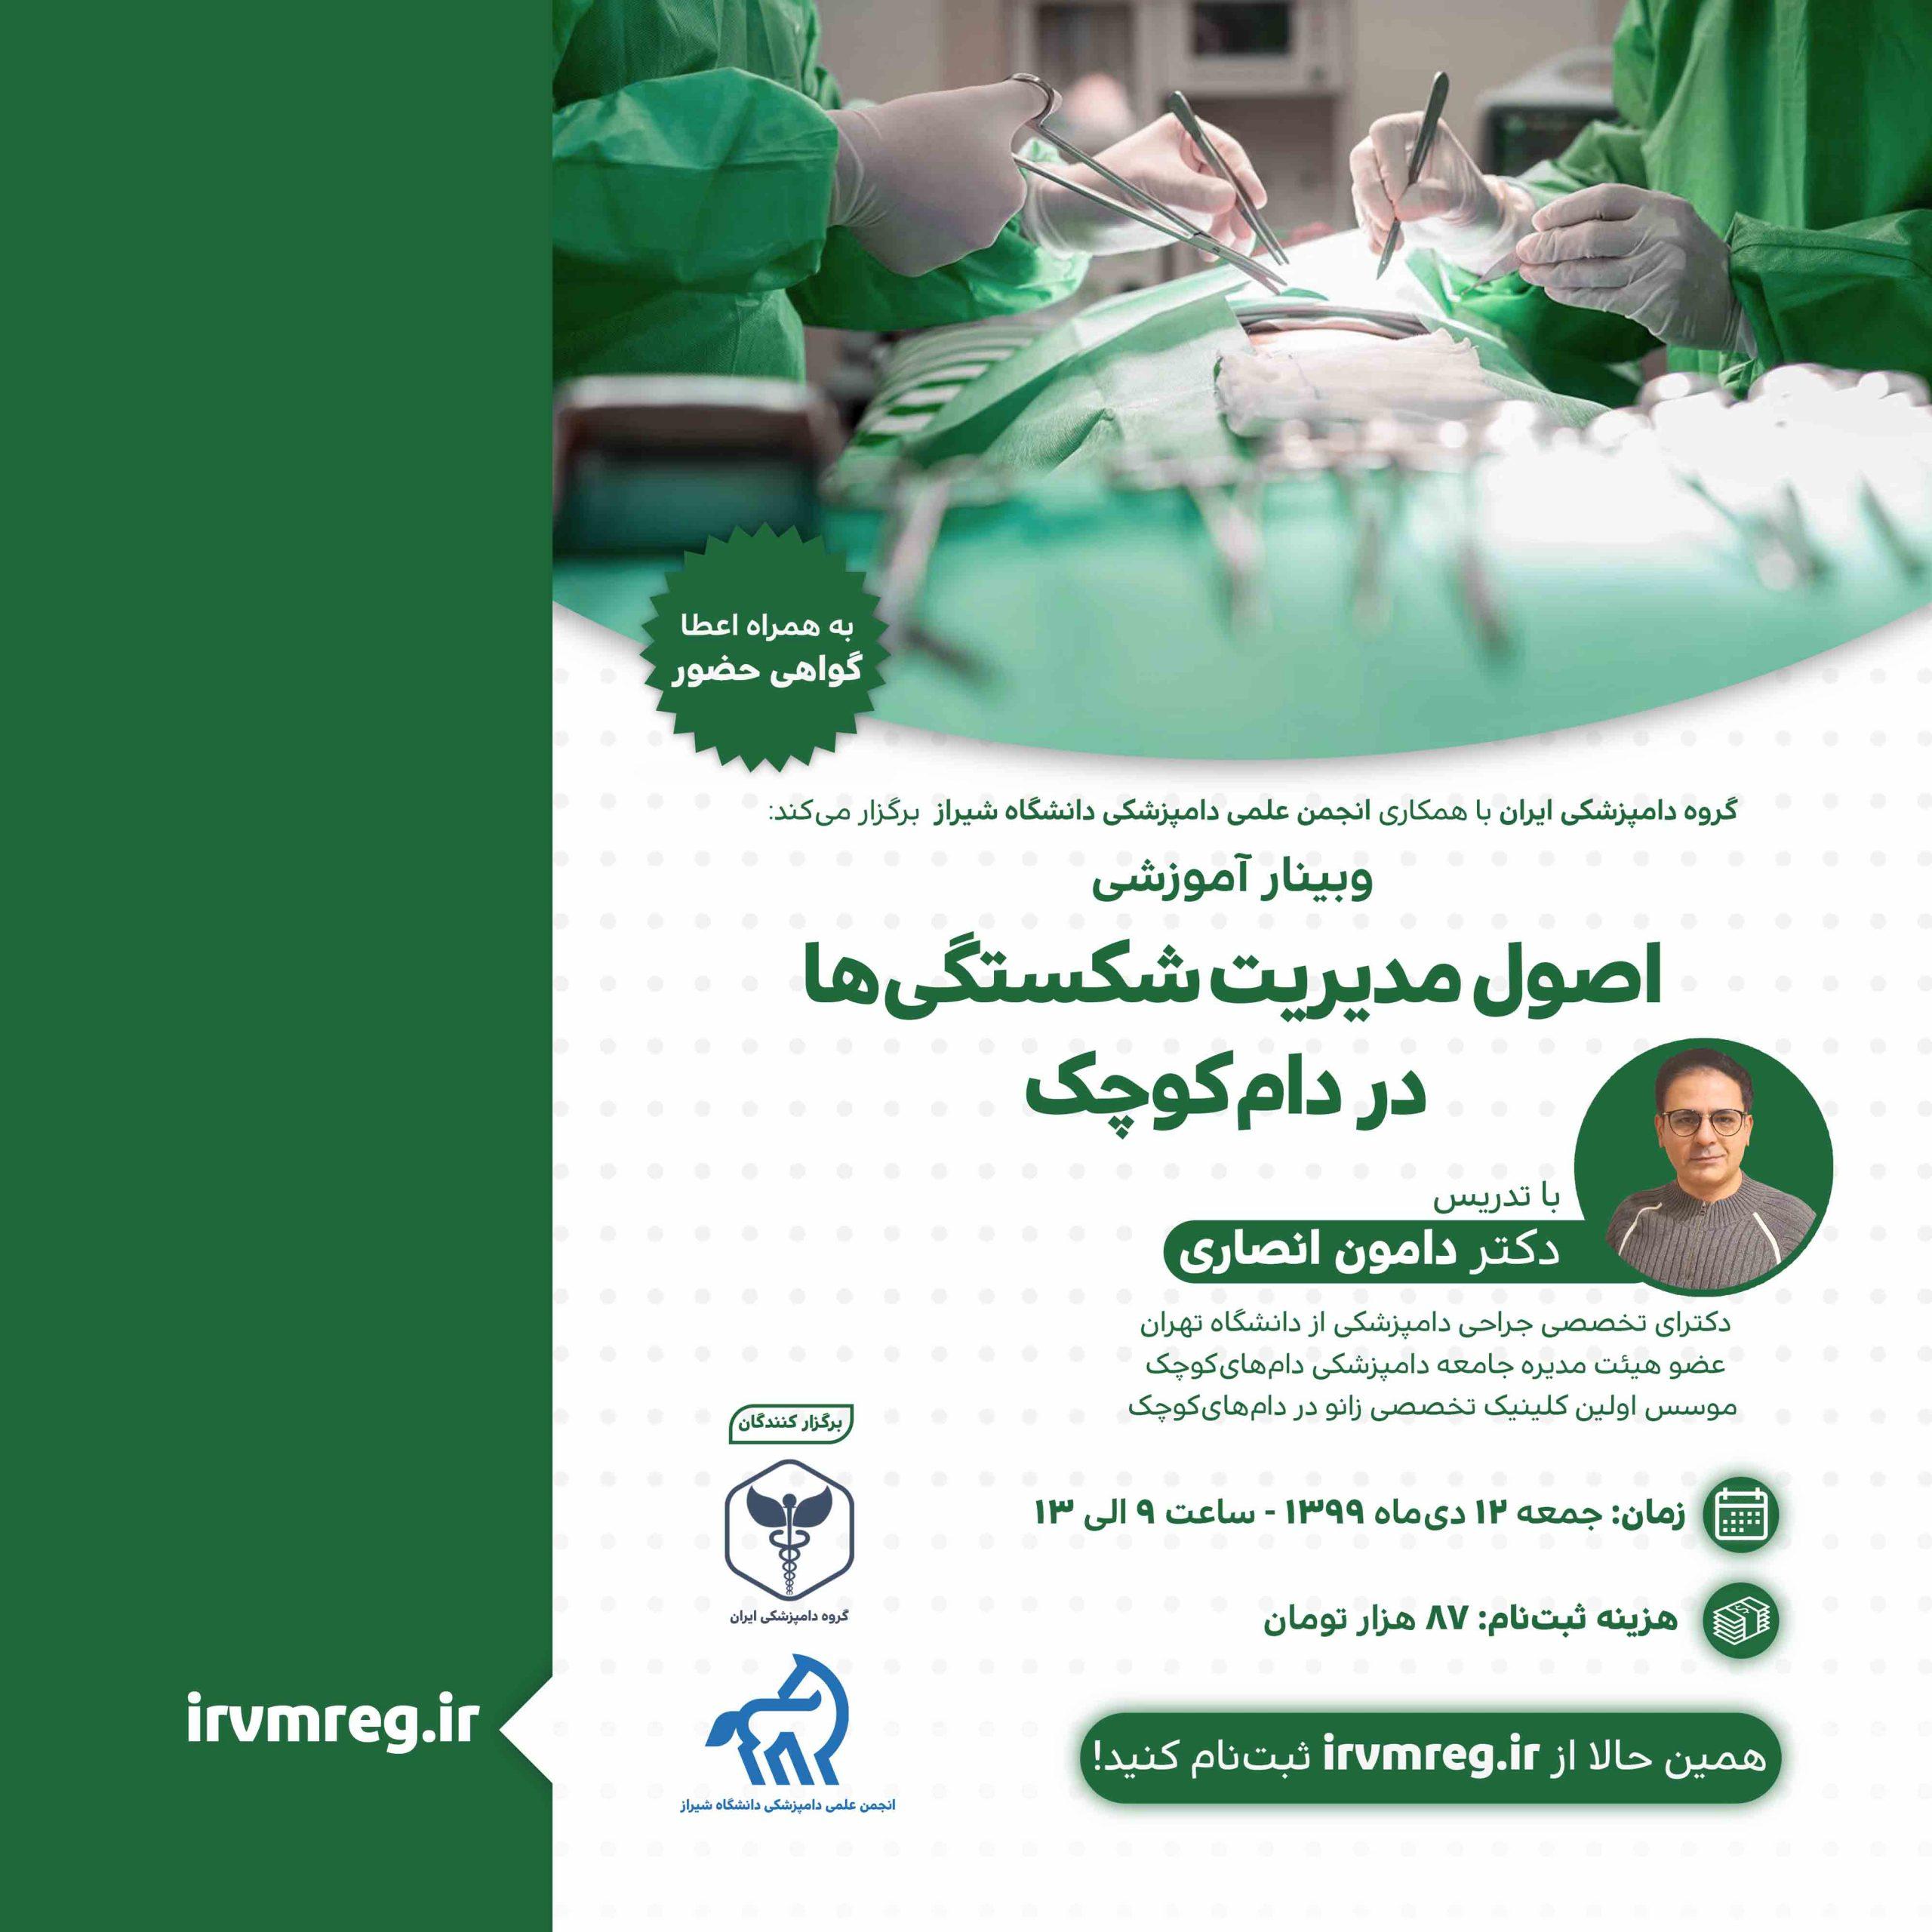 اصول مدیریت شکستگی ها در دام کوچک گروه دامپزشکی ایران